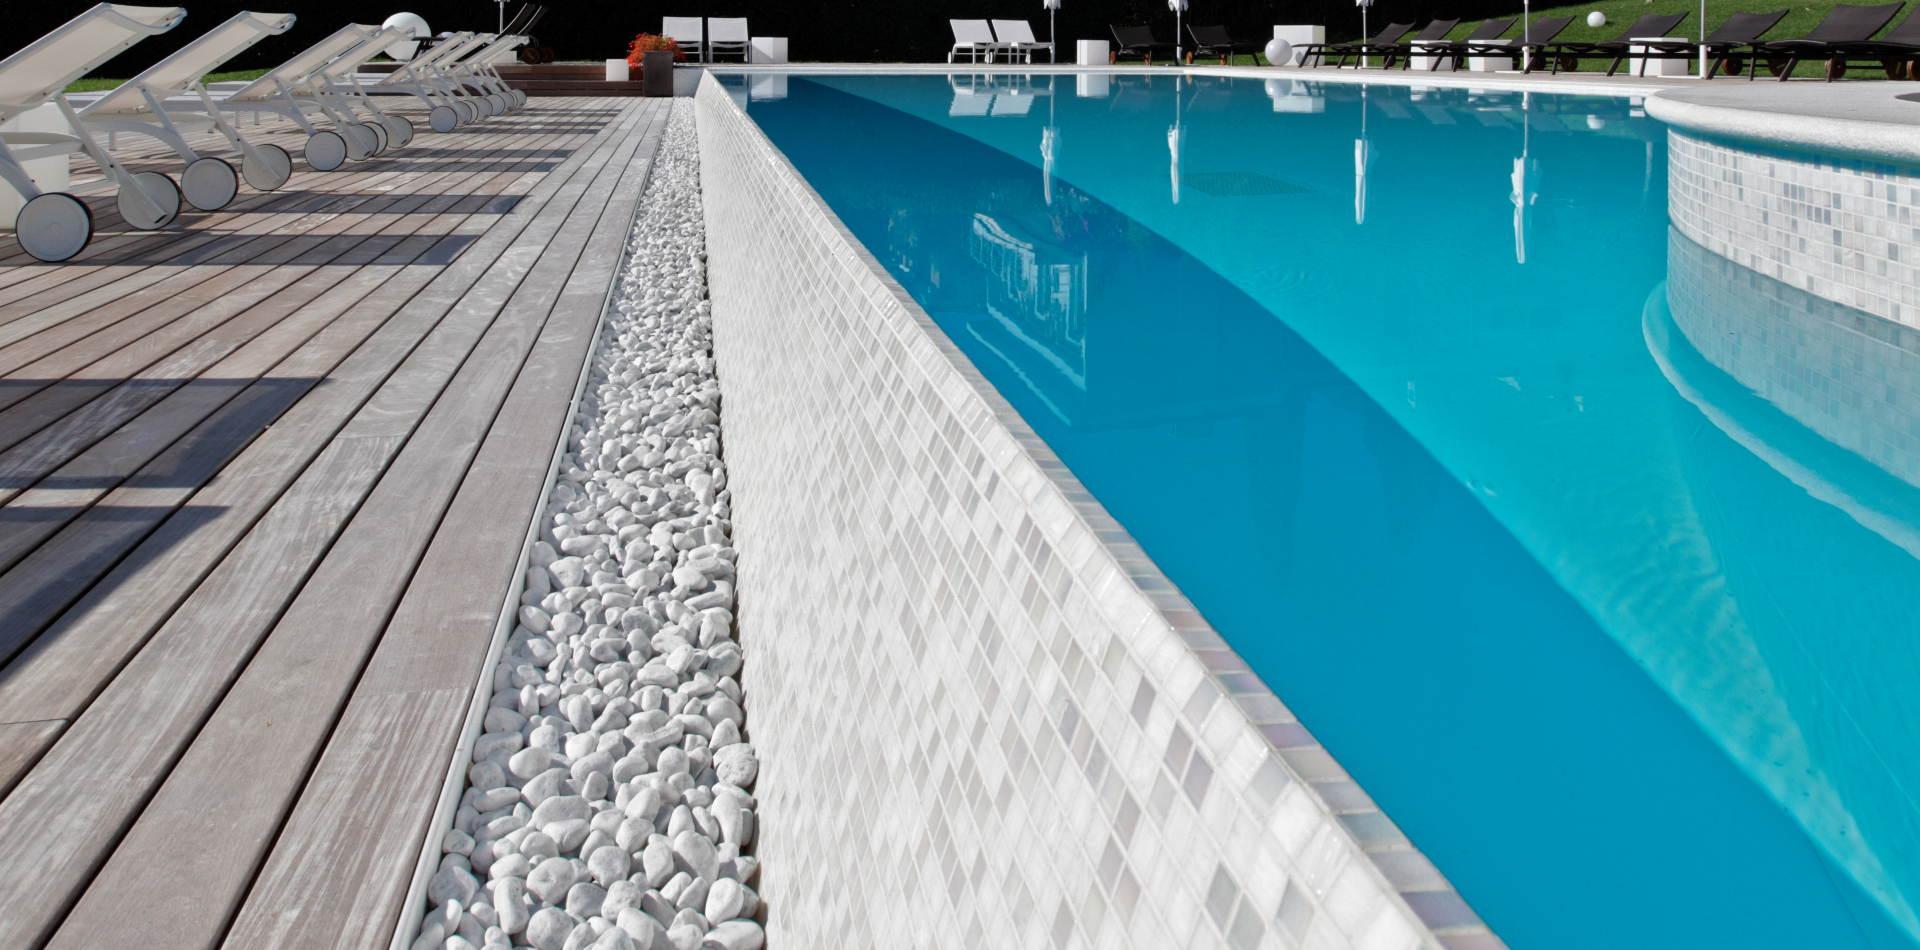 Piscine Sfioro A Cascata piscine con cascata ~ piscine castiglione